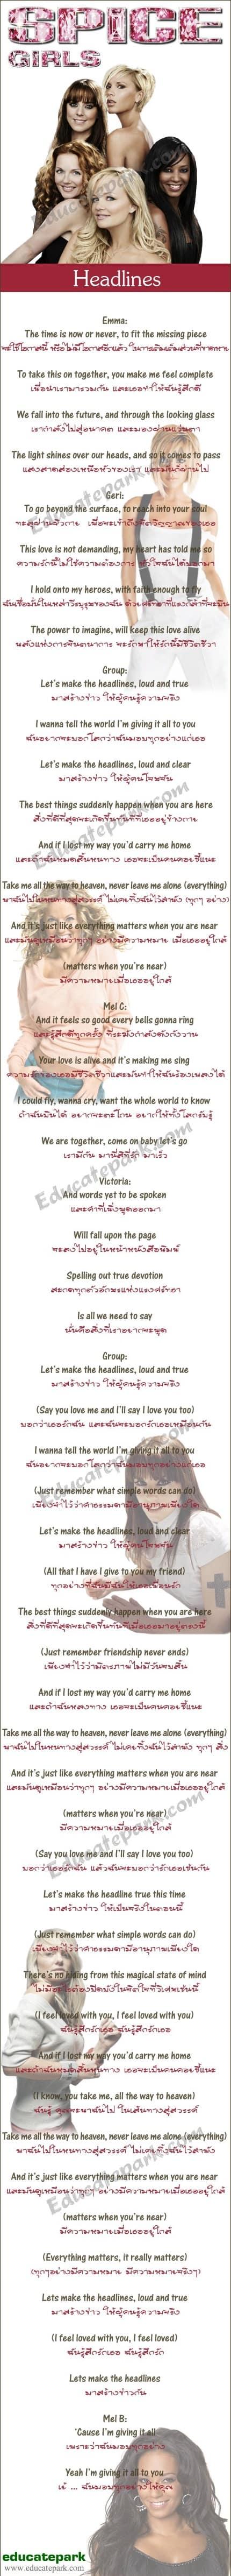 แปลเพลง Headlines (Friendship Never Ends) - Spice Girls